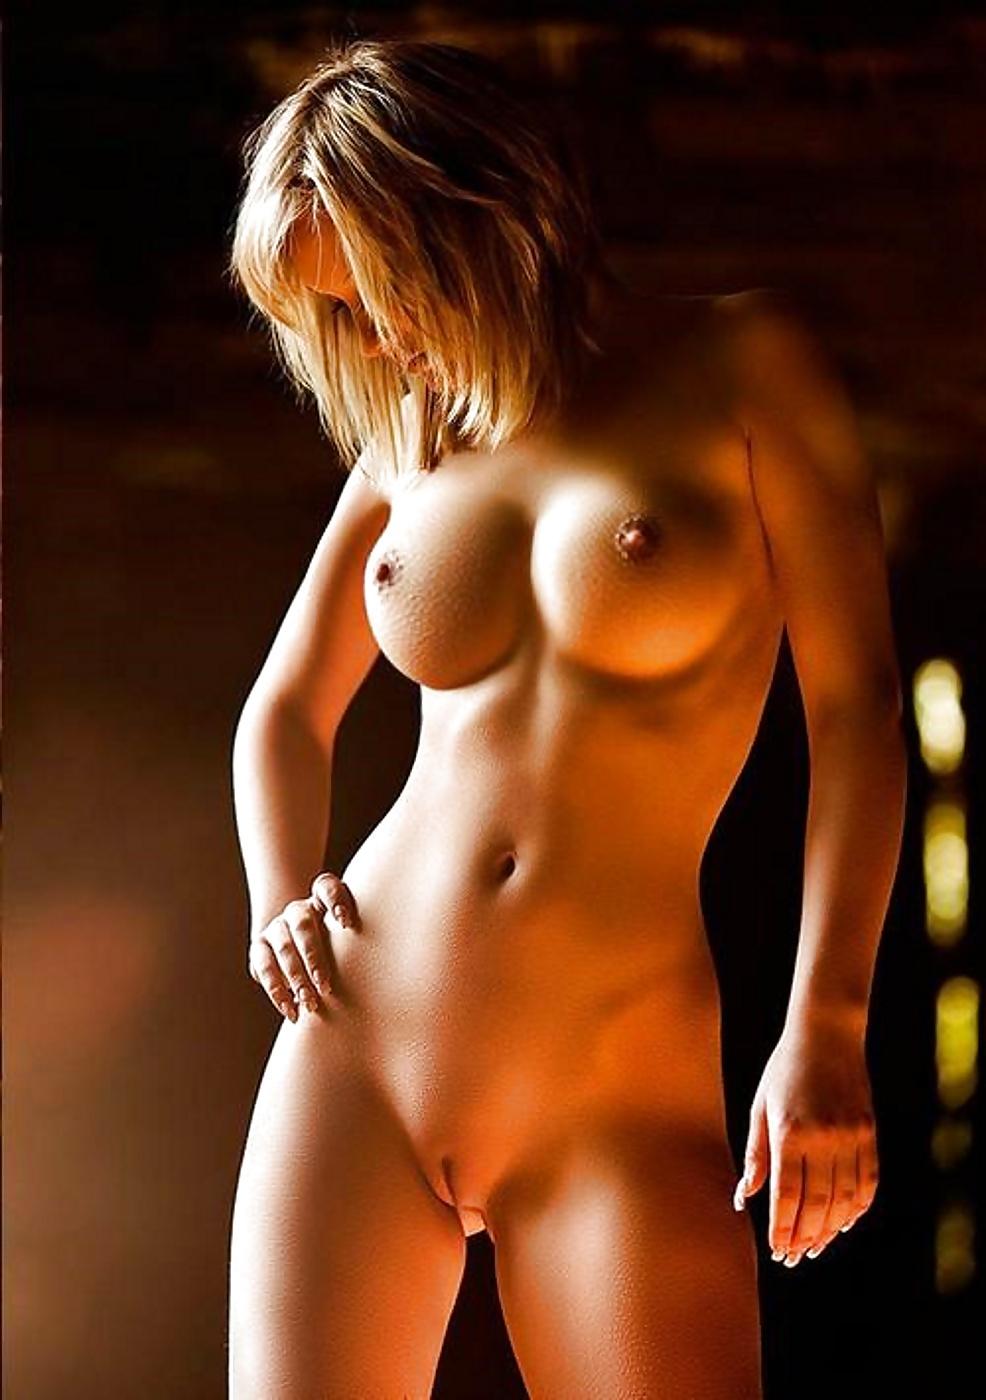 Качественные галереи голое тело девушки под фотографию трахают телку онлайн